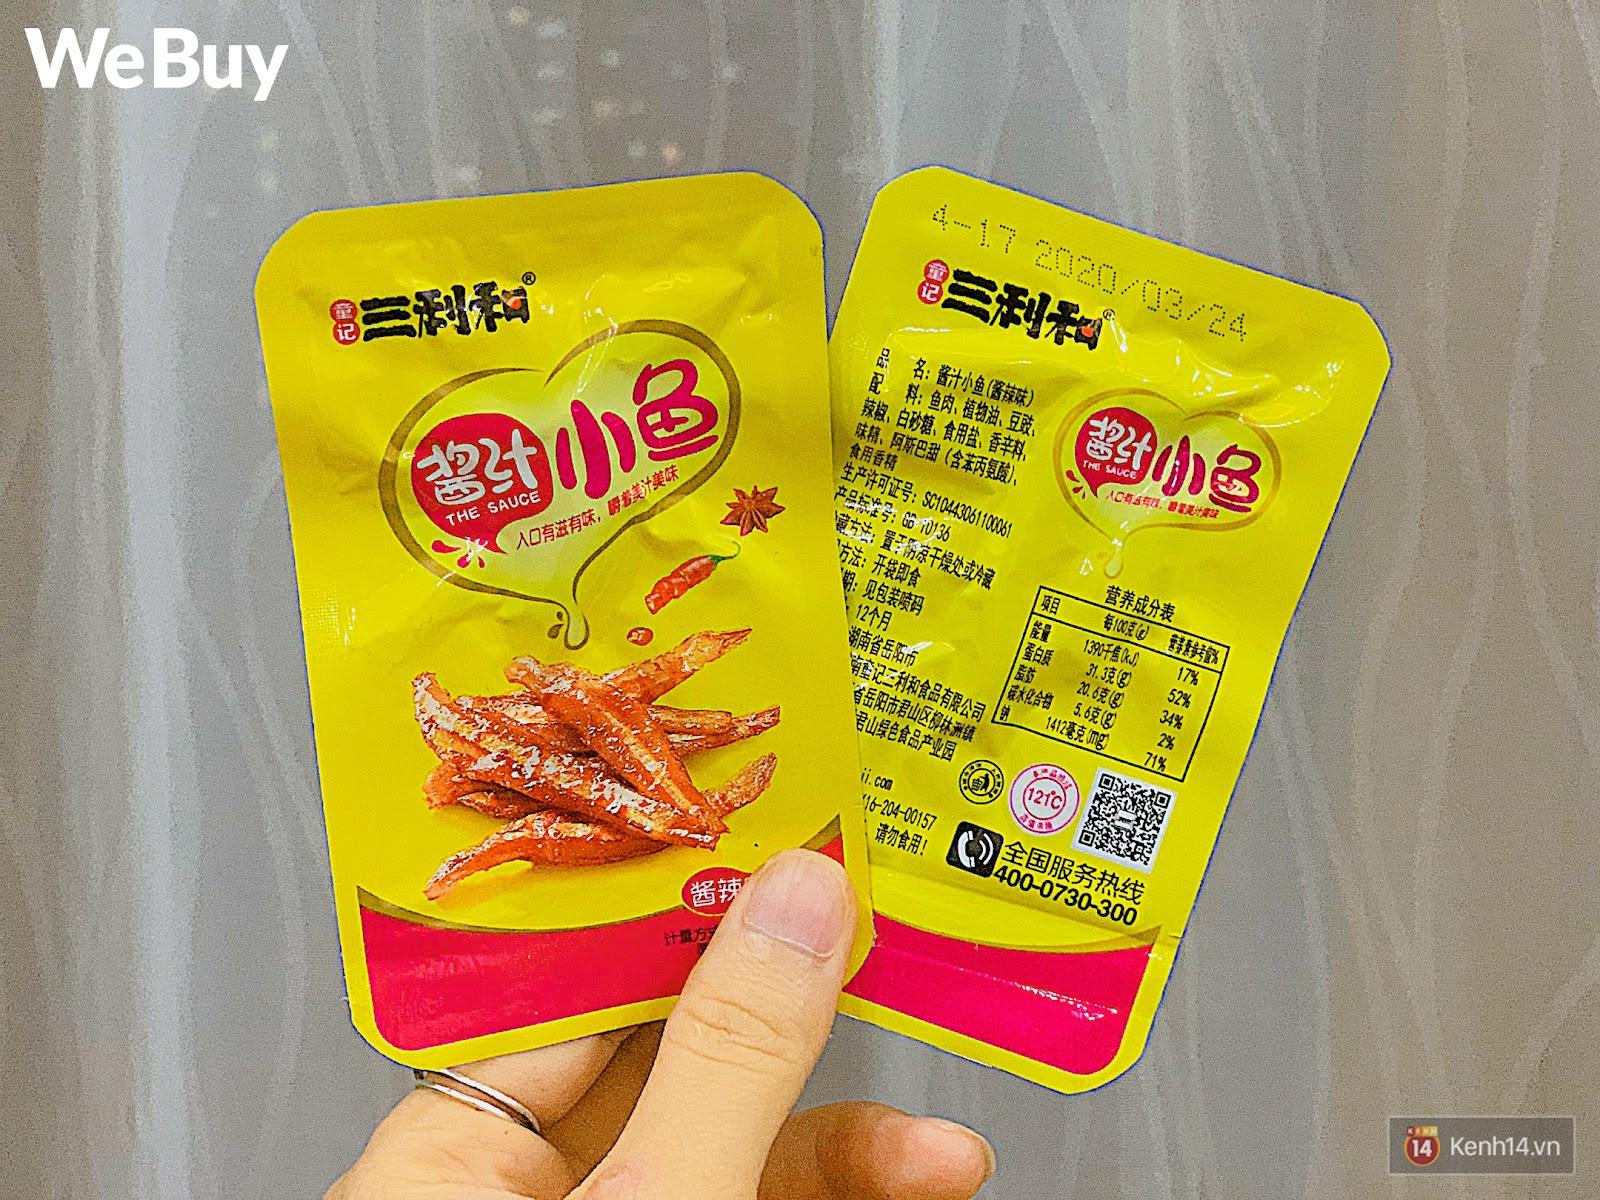 """Review set đồ ăn vặt nội địa Trung Quốc hot hit gần đây: Lung linh hấp dẫn là thế nhưng ăn thử mới thấy như bị... """"lừa tình"""" - Ảnh 14."""